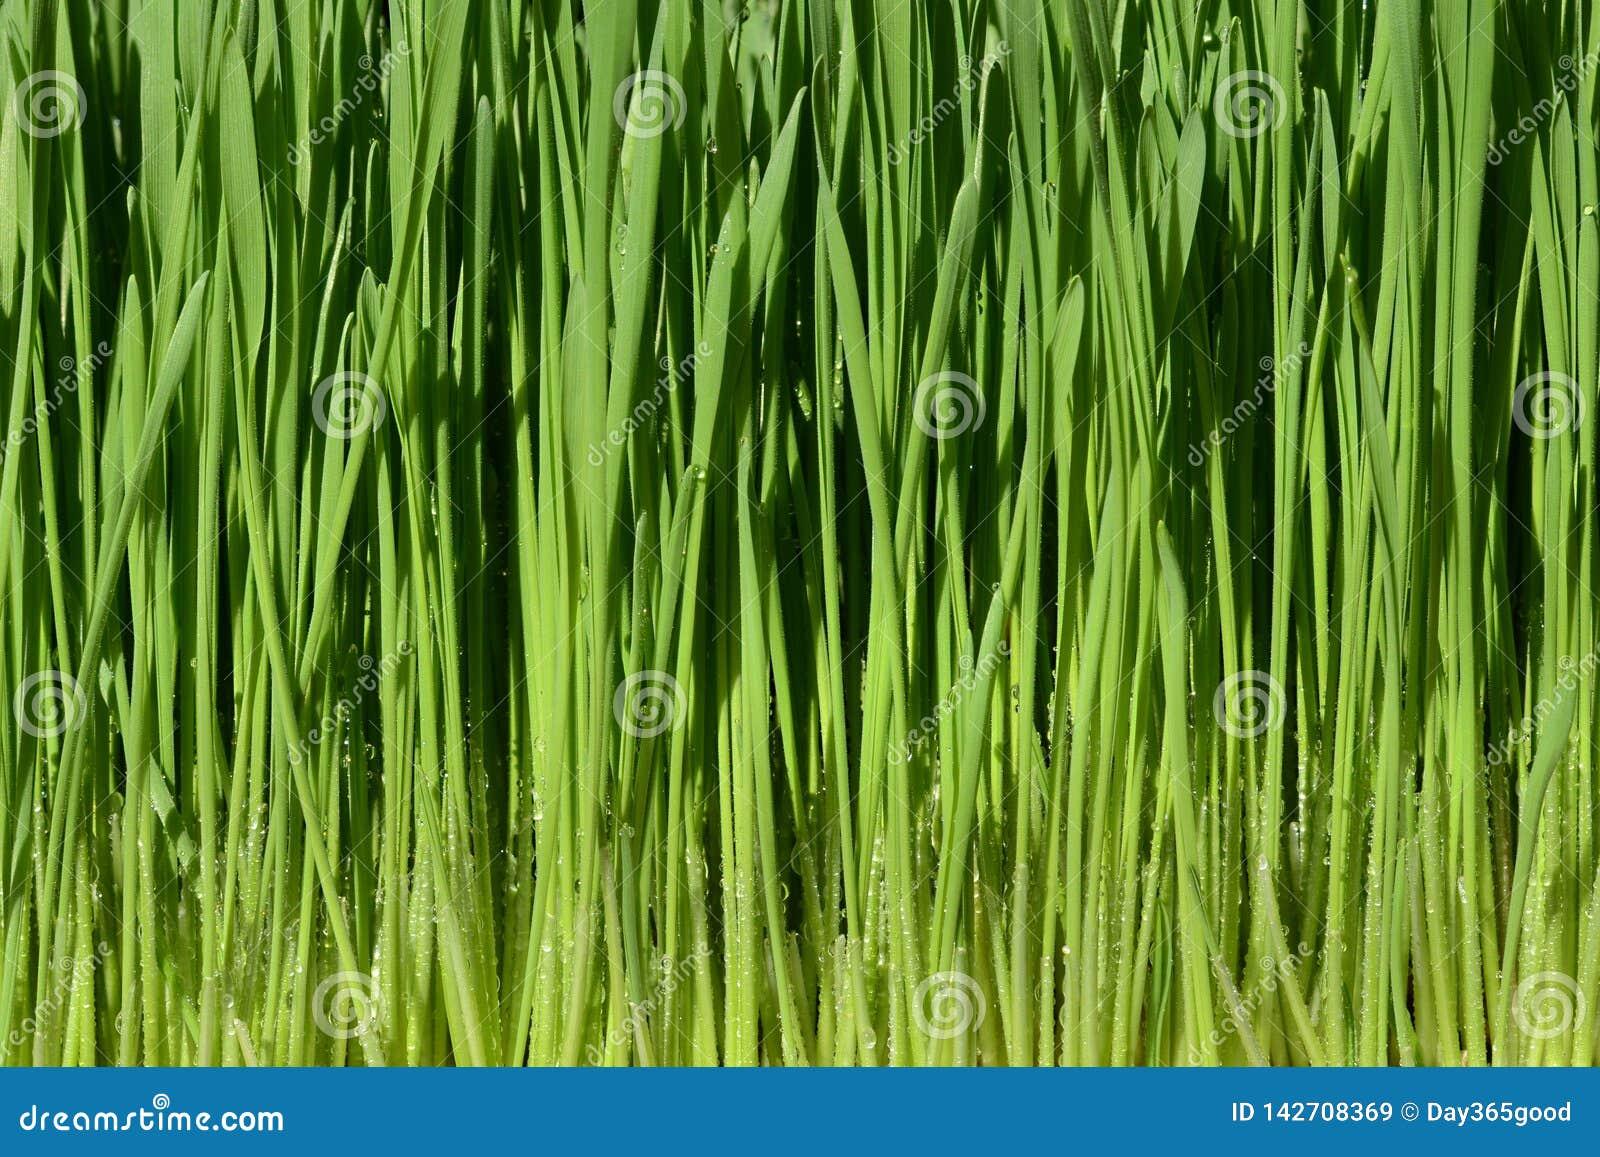 与水下落的绿色麦子草